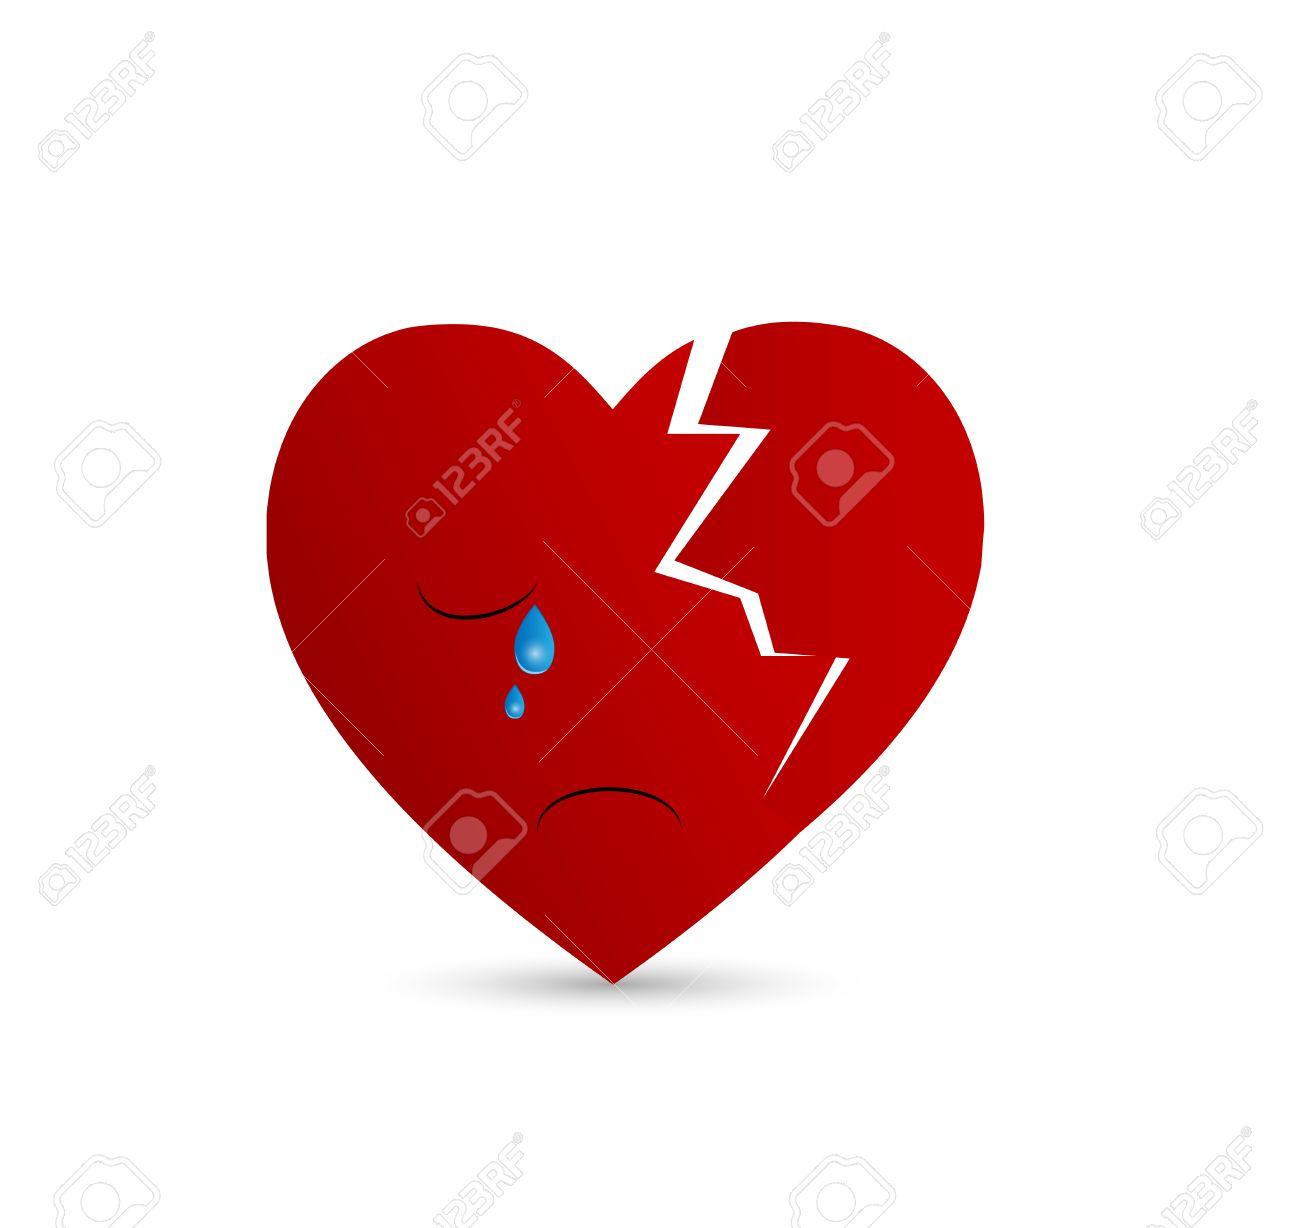 Broken Ilustración Del Corazón Llorando Ilustraciones Vectoriales